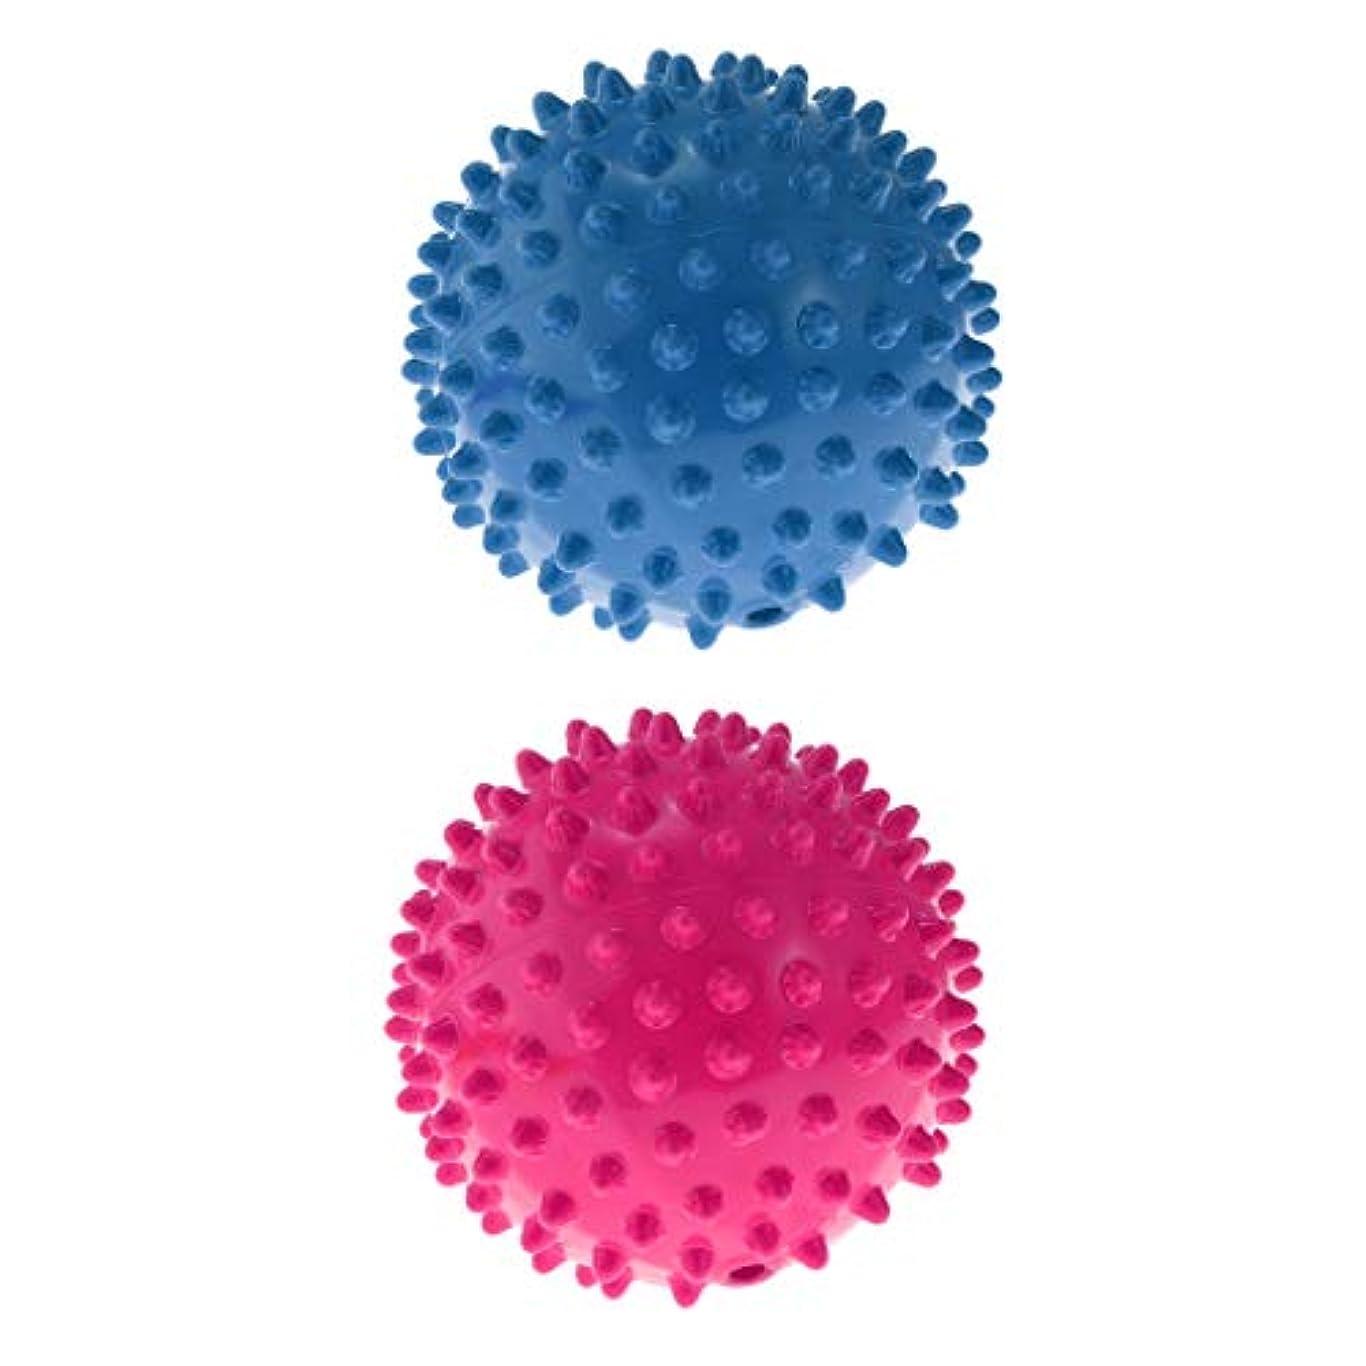 告発繁栄食用CUTICATE 指圧マッサージボール ローラーボール マッサージローラー トリガーポイント 疲労軽減 痛み緩和